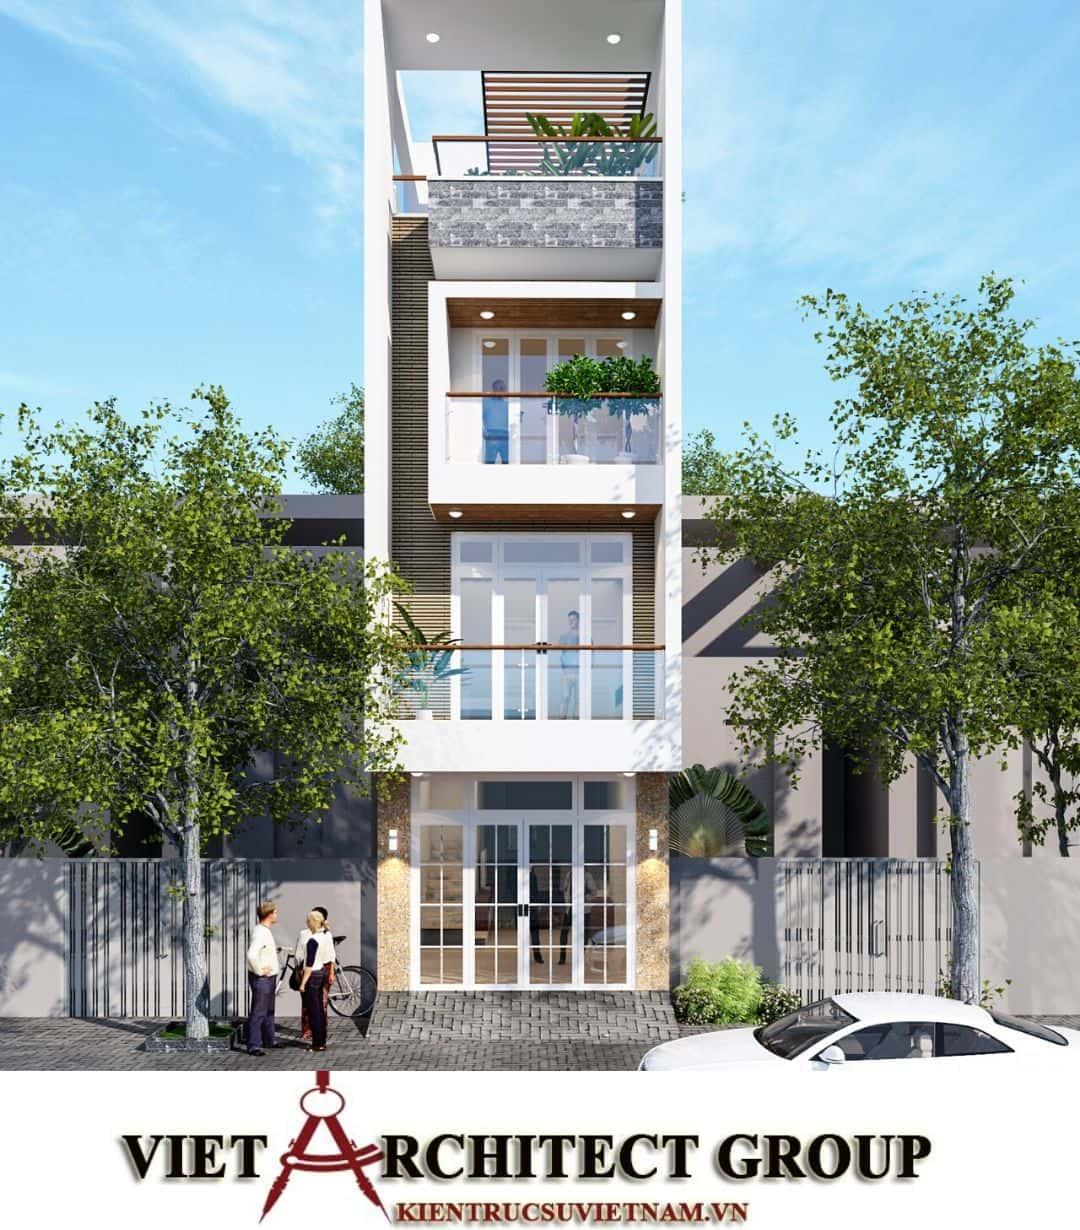 3 55 - Công trình nhà phố mặt tiền 4m 1 trệt 2 lầu sân thượng chị Hải - Thủ Đức